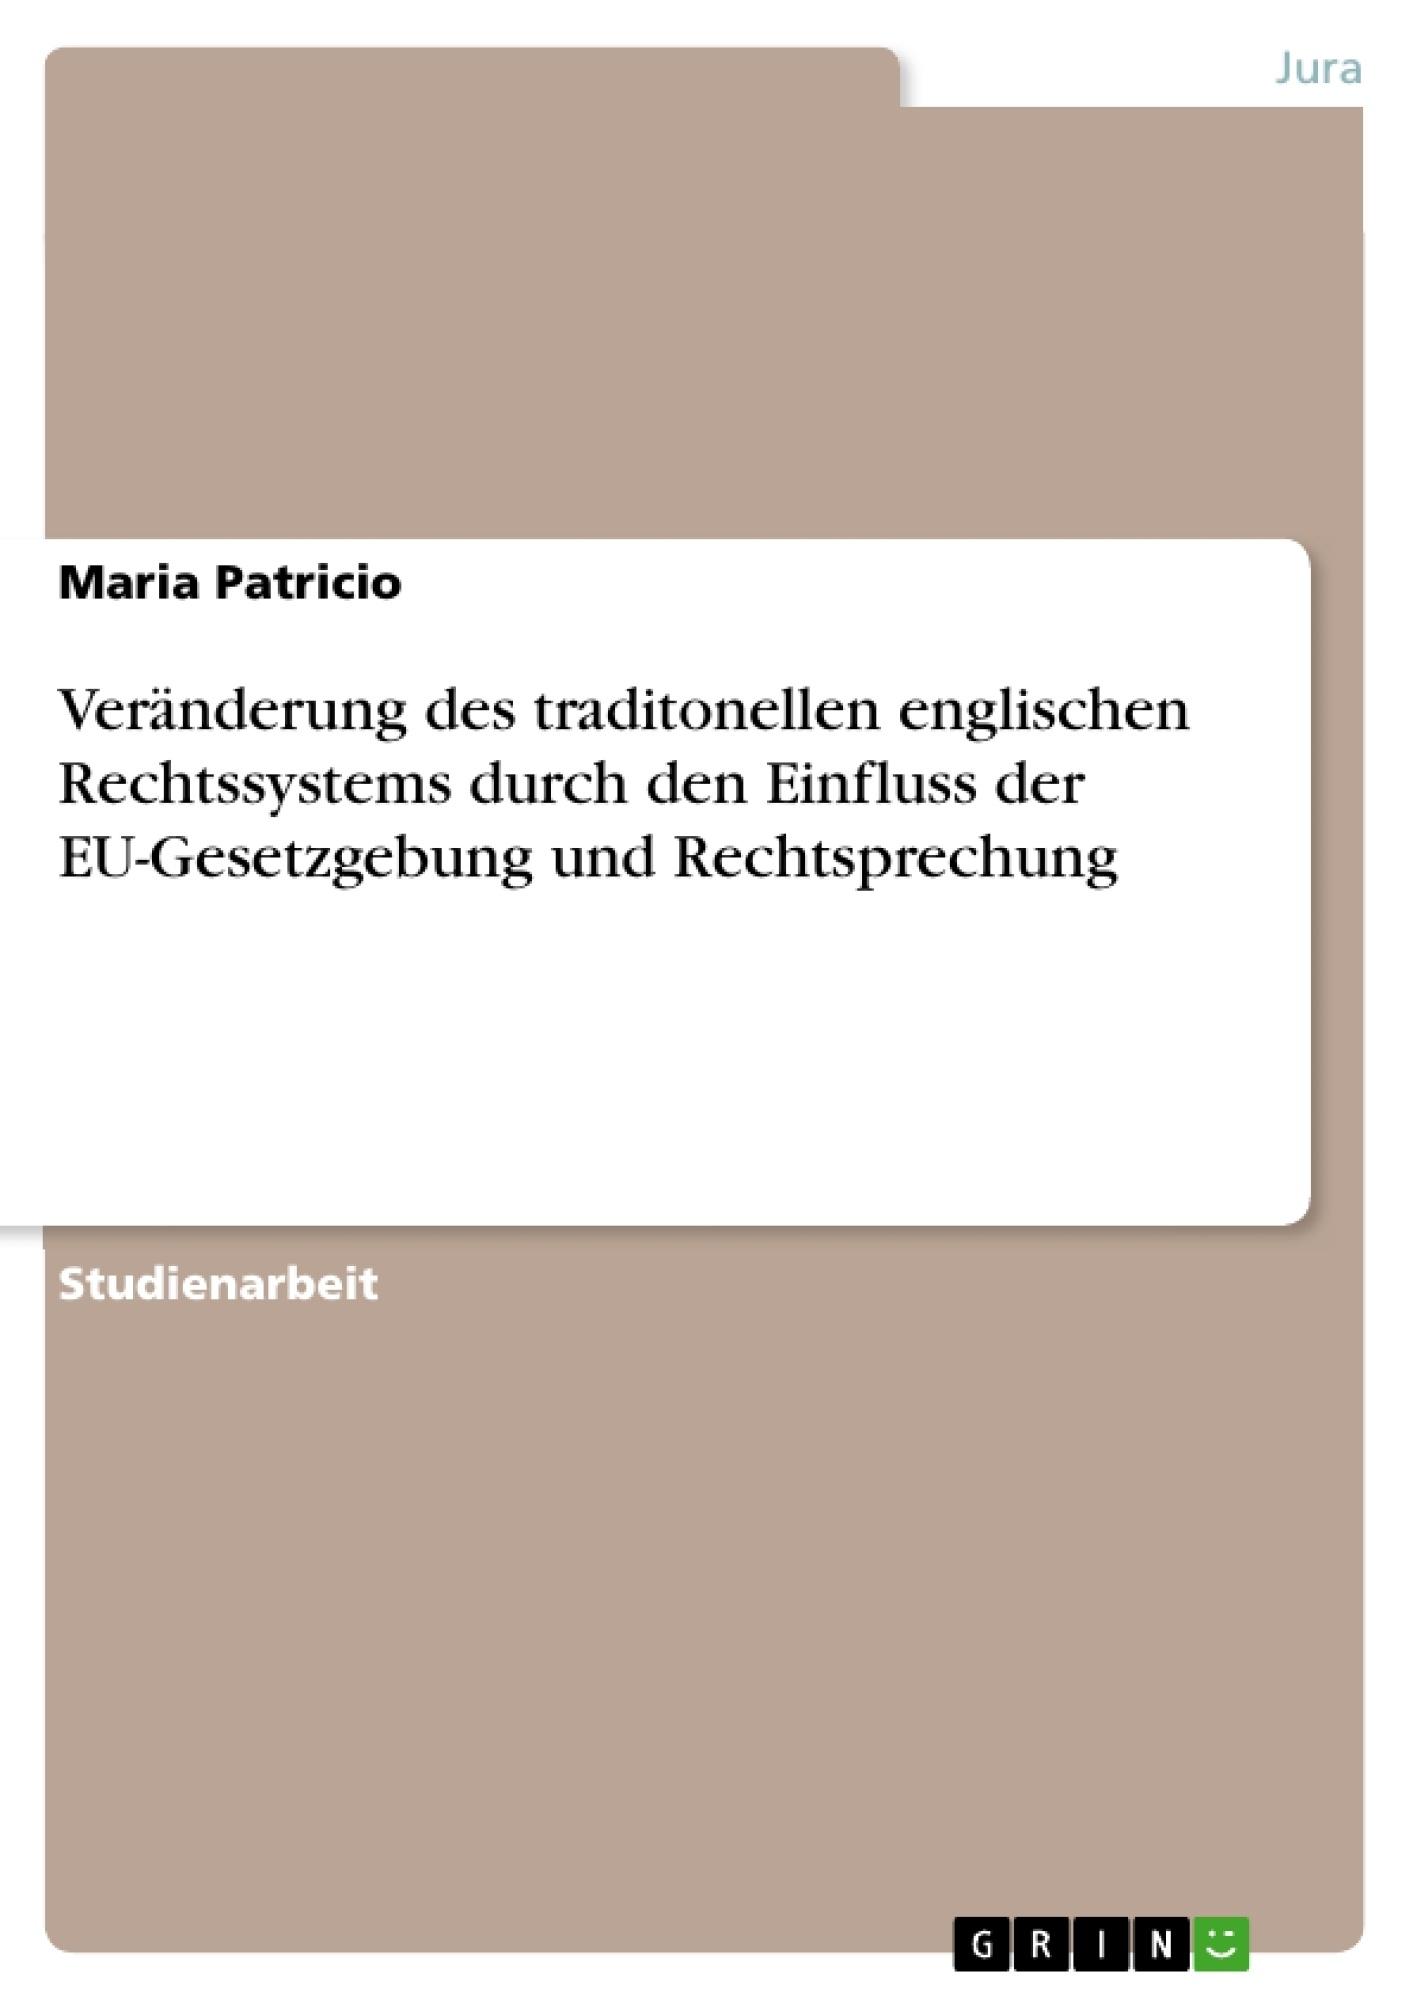 Titel: Veränderung des traditonellen englischen Rechtssystems durch den Einfluss der EU-Gesetzgebung und Rechtsprechung